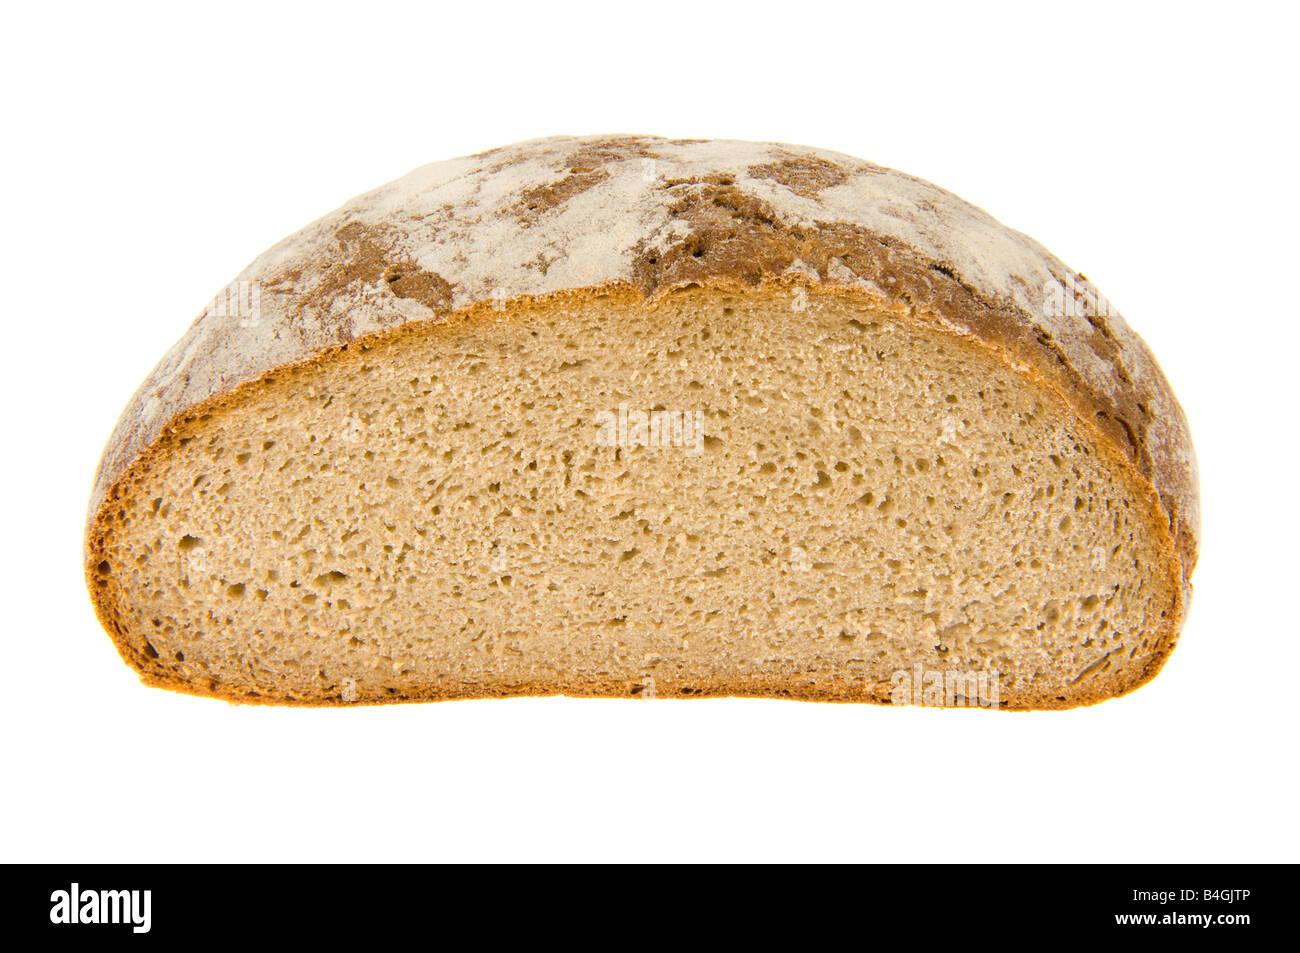 staple food dietary brown bread dark bread german germany rye brot baker bakery leaven sourdough cob loaf cut slice - Stock Image